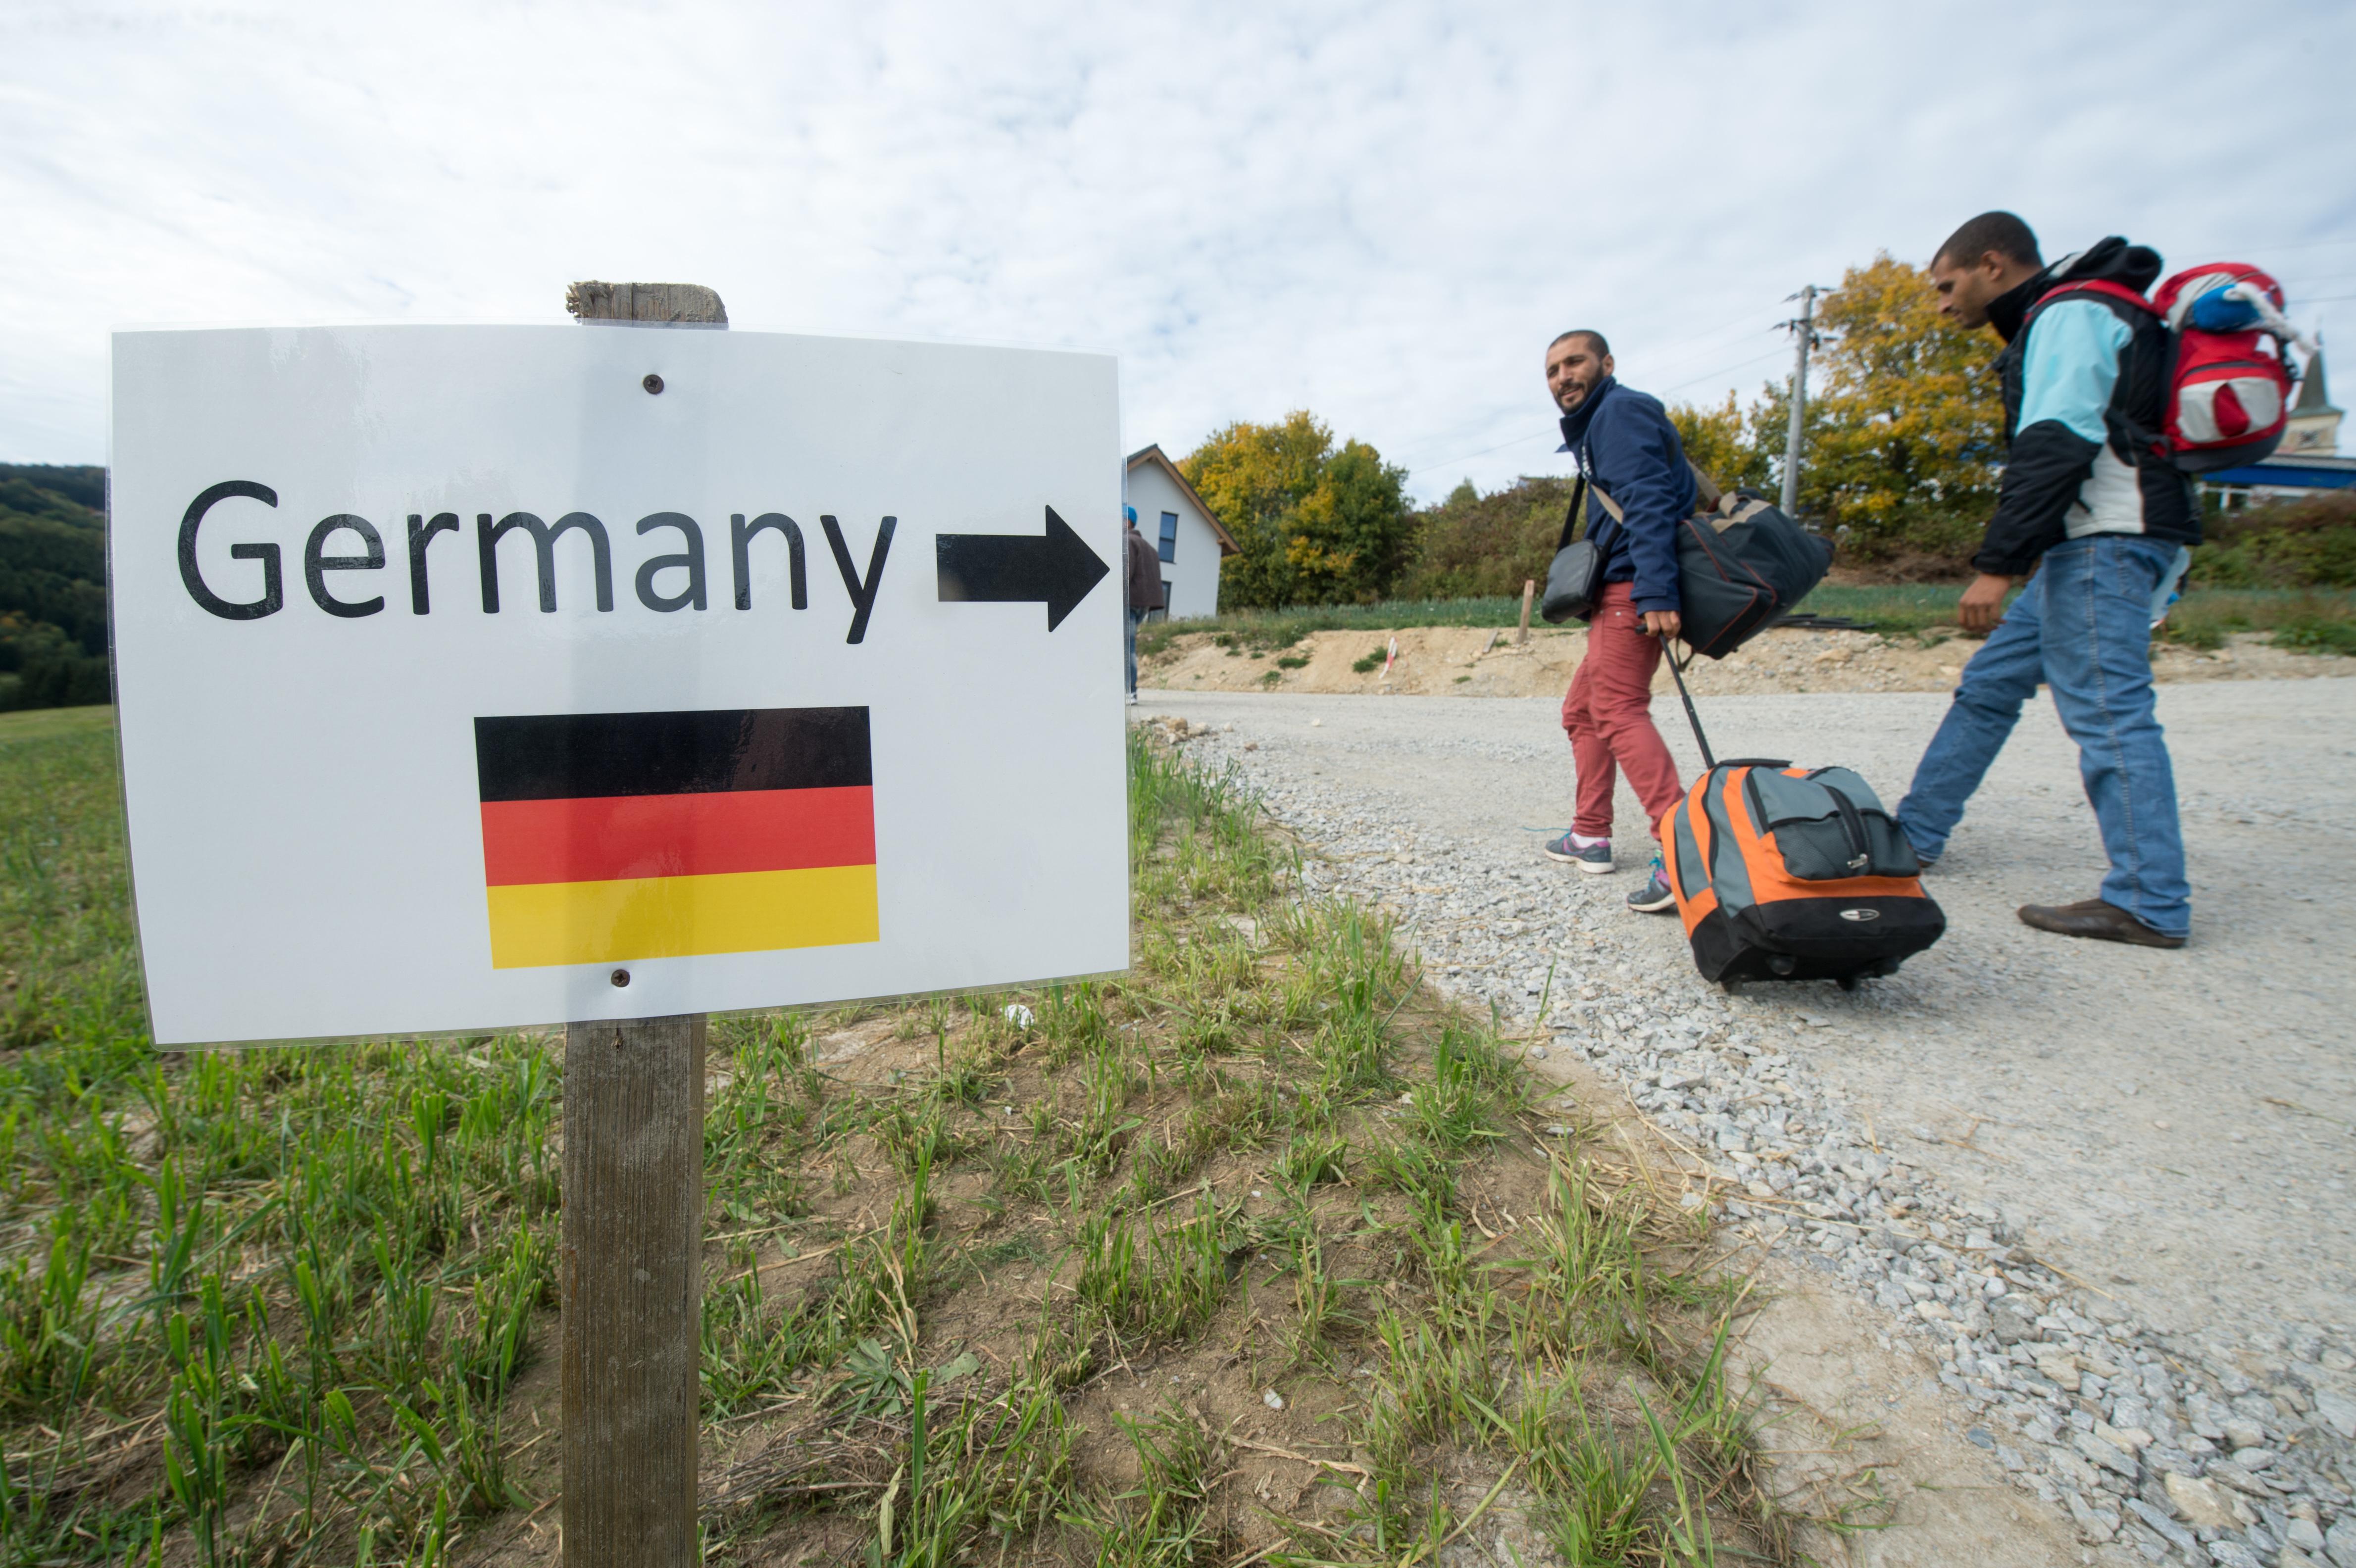 Der EuGH bezweifelt, dass eine Obergrenze für Flüchtlinge rechtmäßig ist.